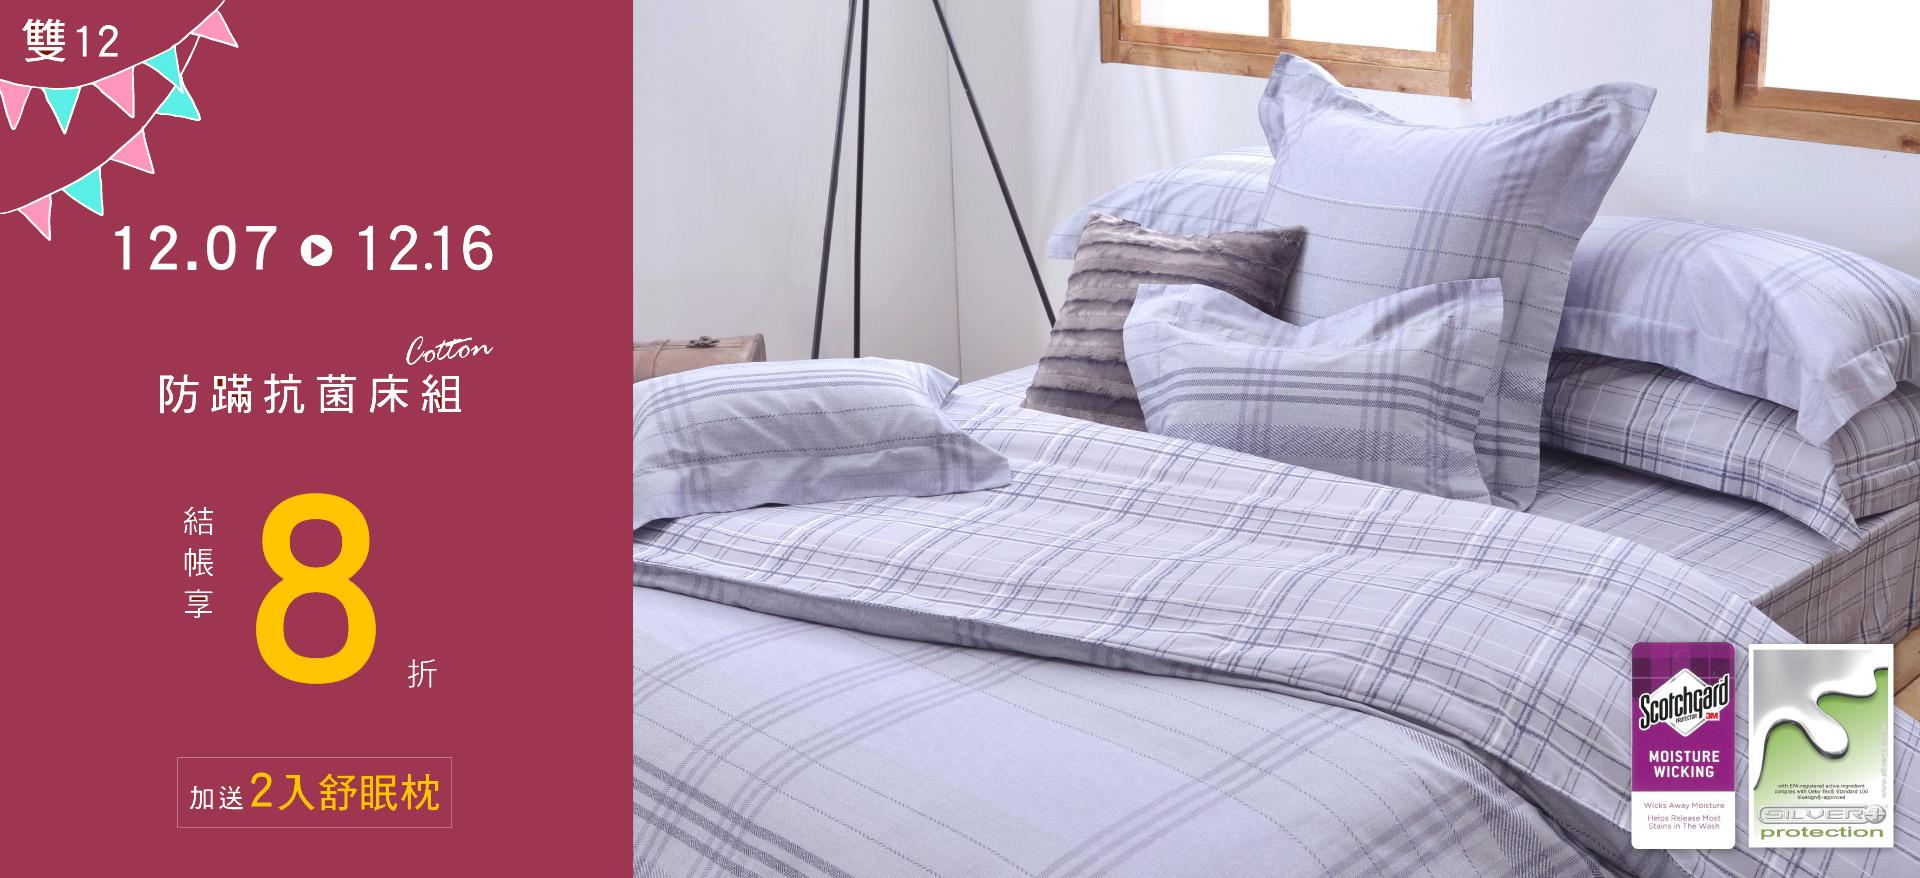 純棉兩用被床組8折